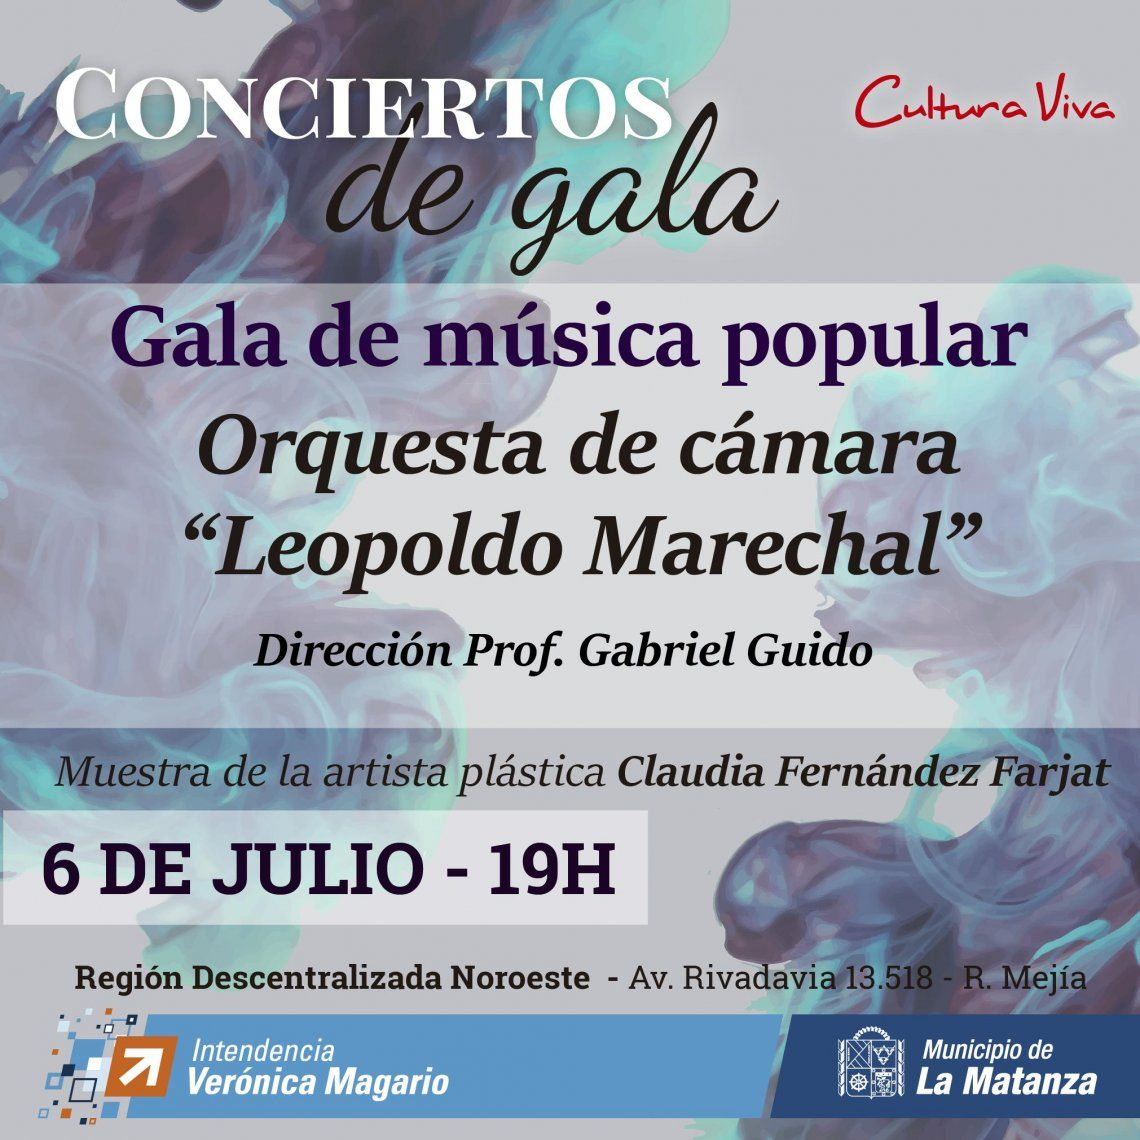 Se presenta la Orquesta de Cámara Leopoldo Marechal en Ramos Mejía